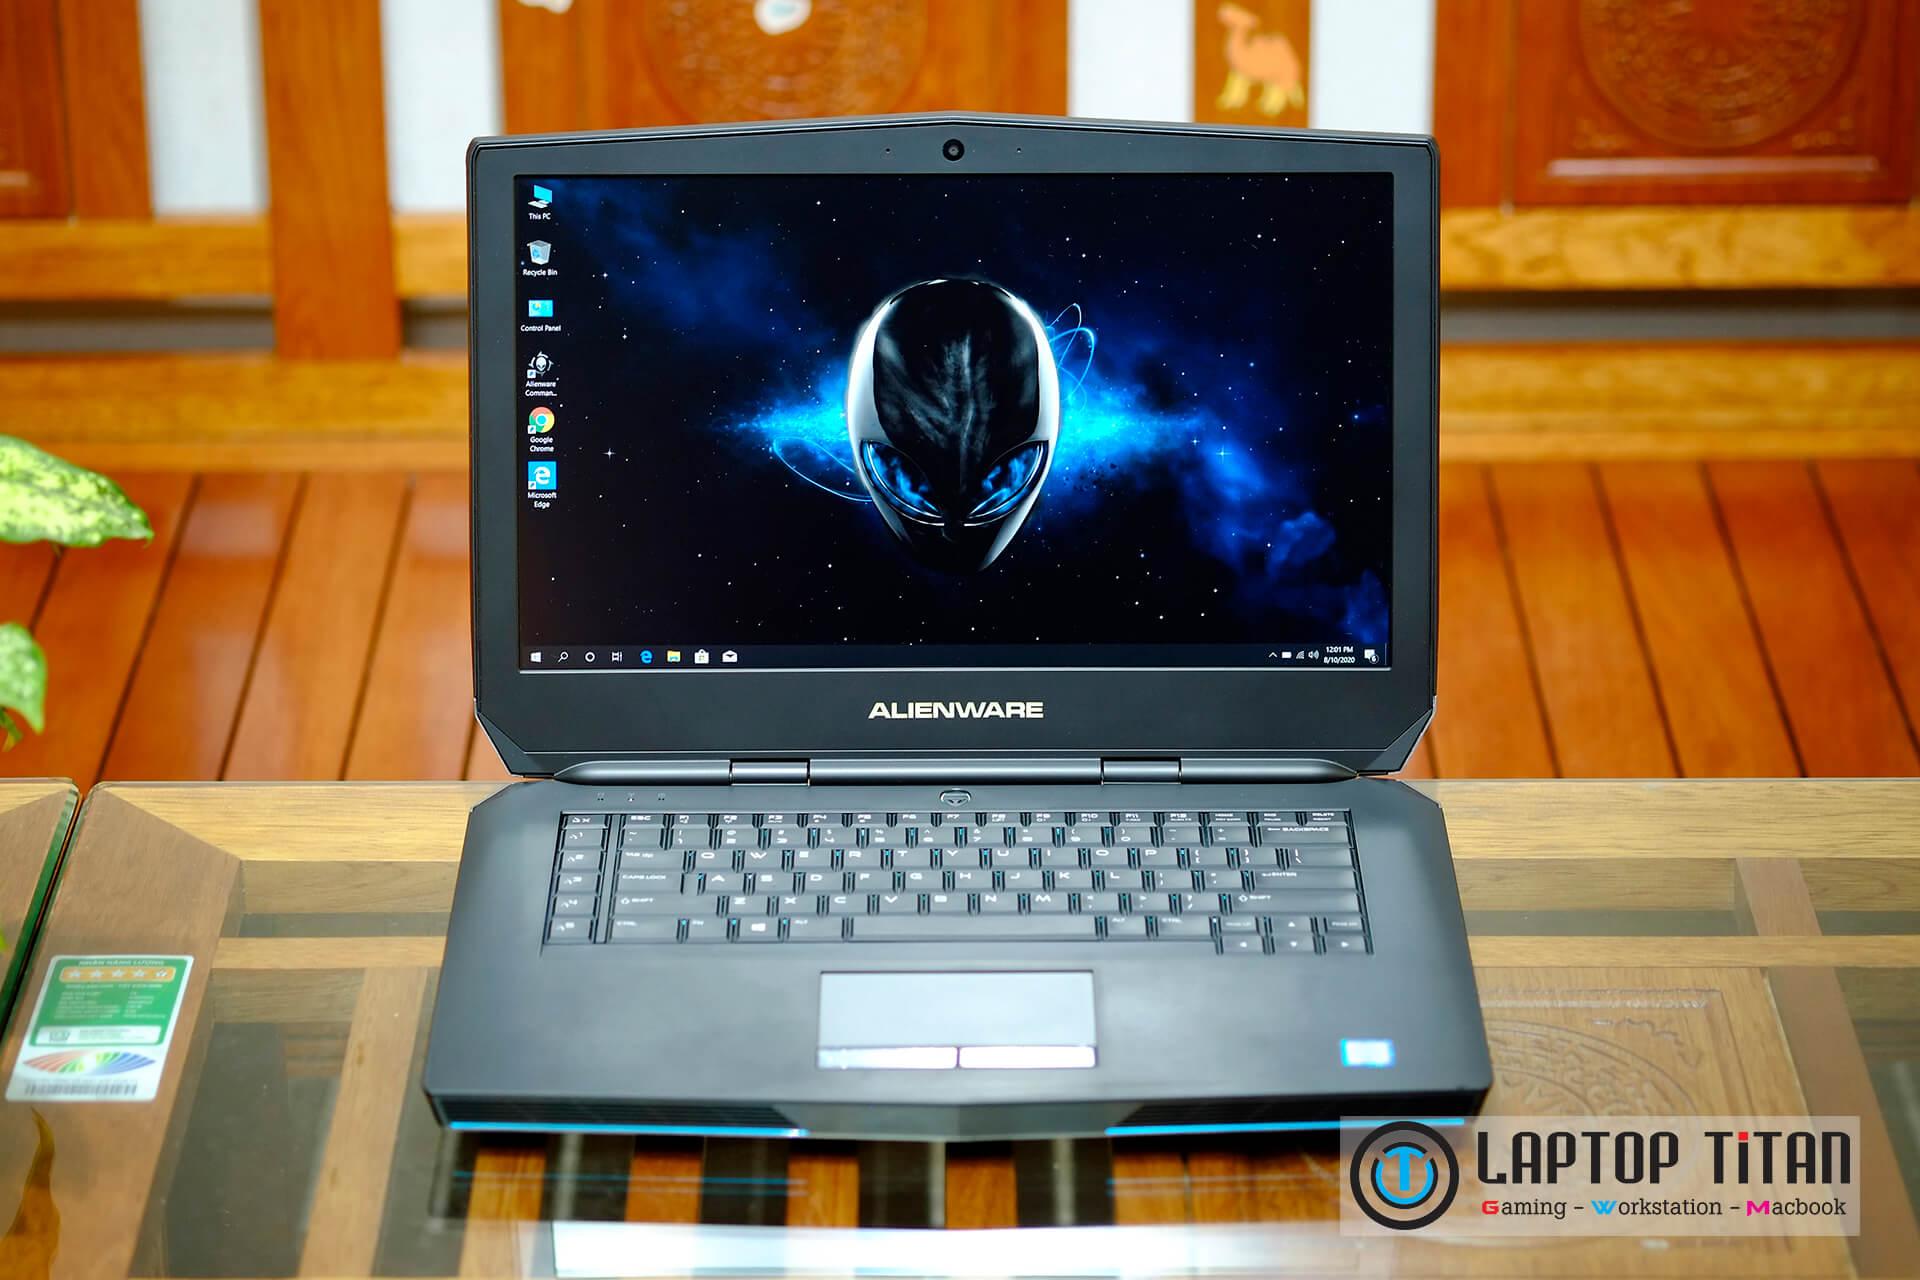 Dell Alienware 15 R2 2 1